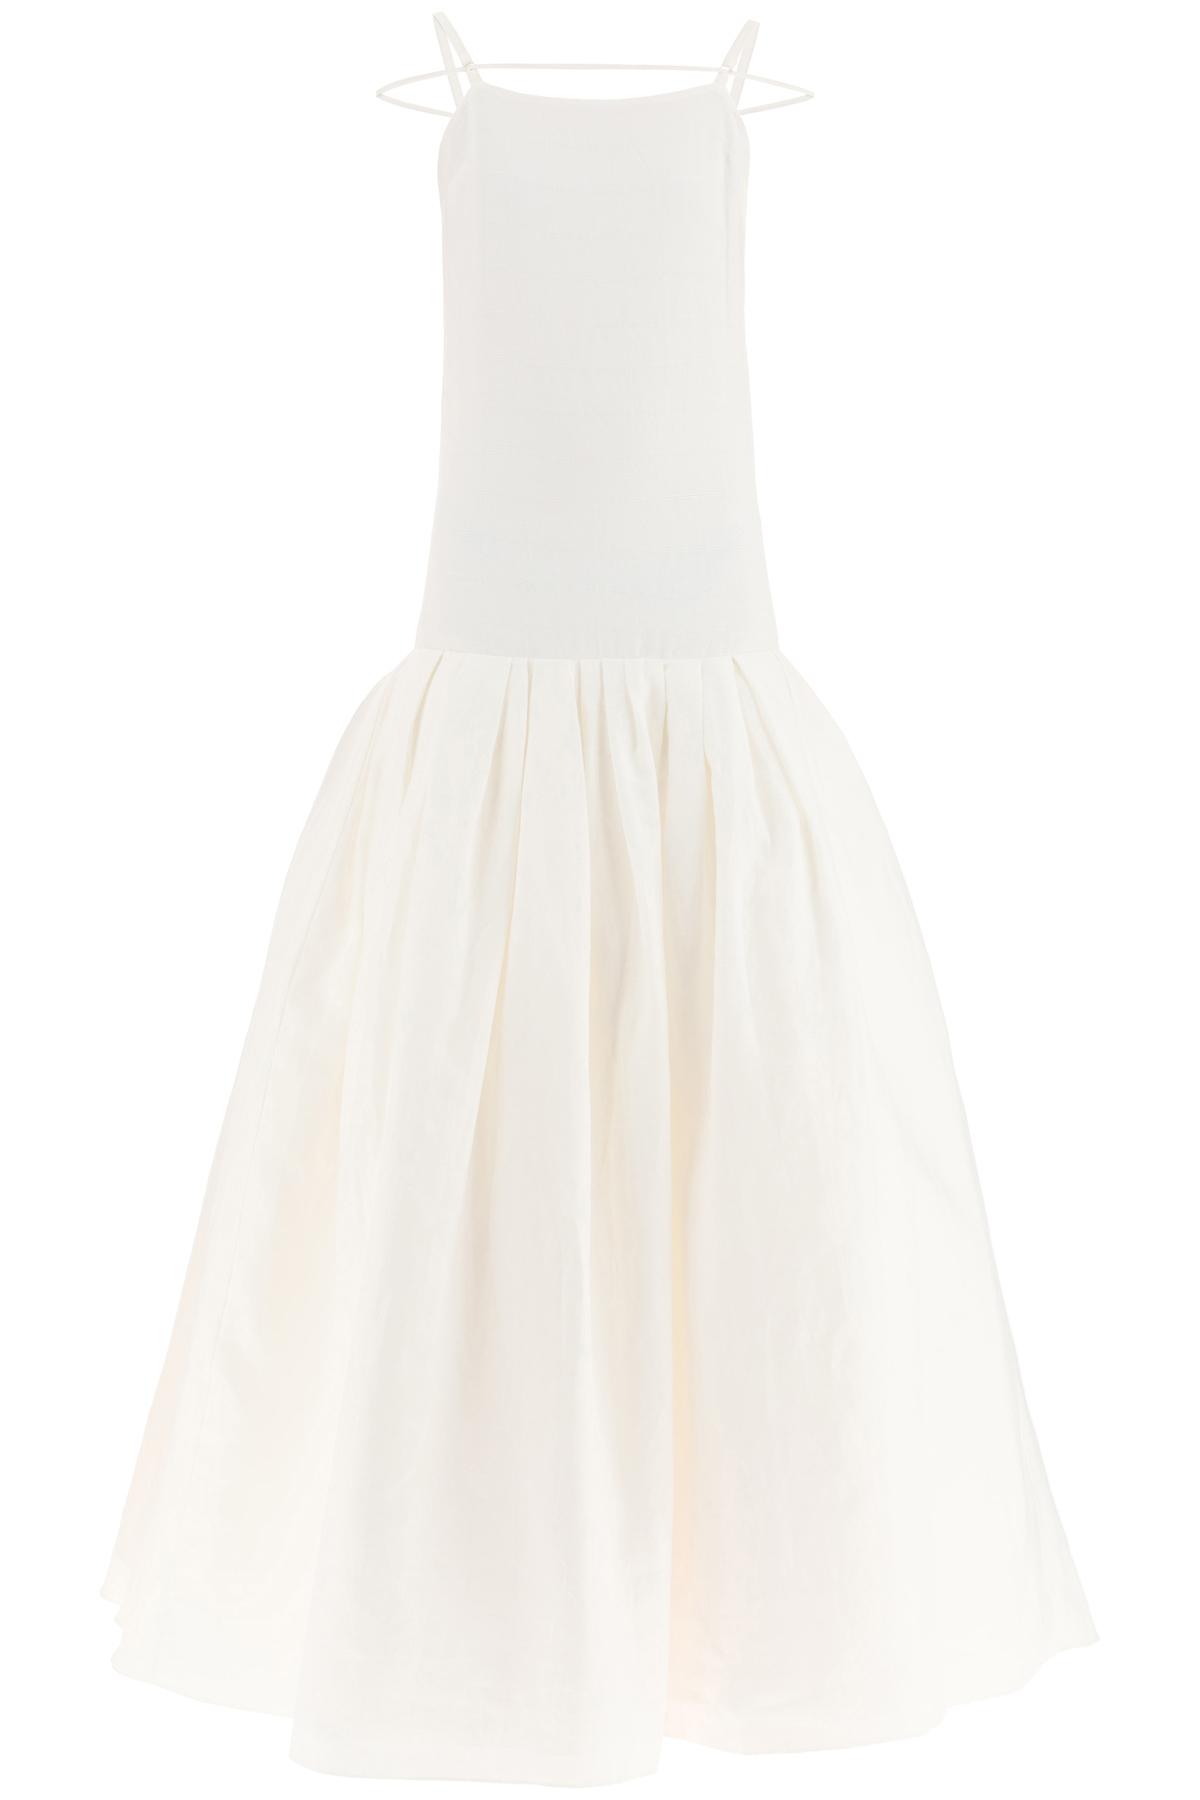 Jacquemus abito da sposa la robe amour